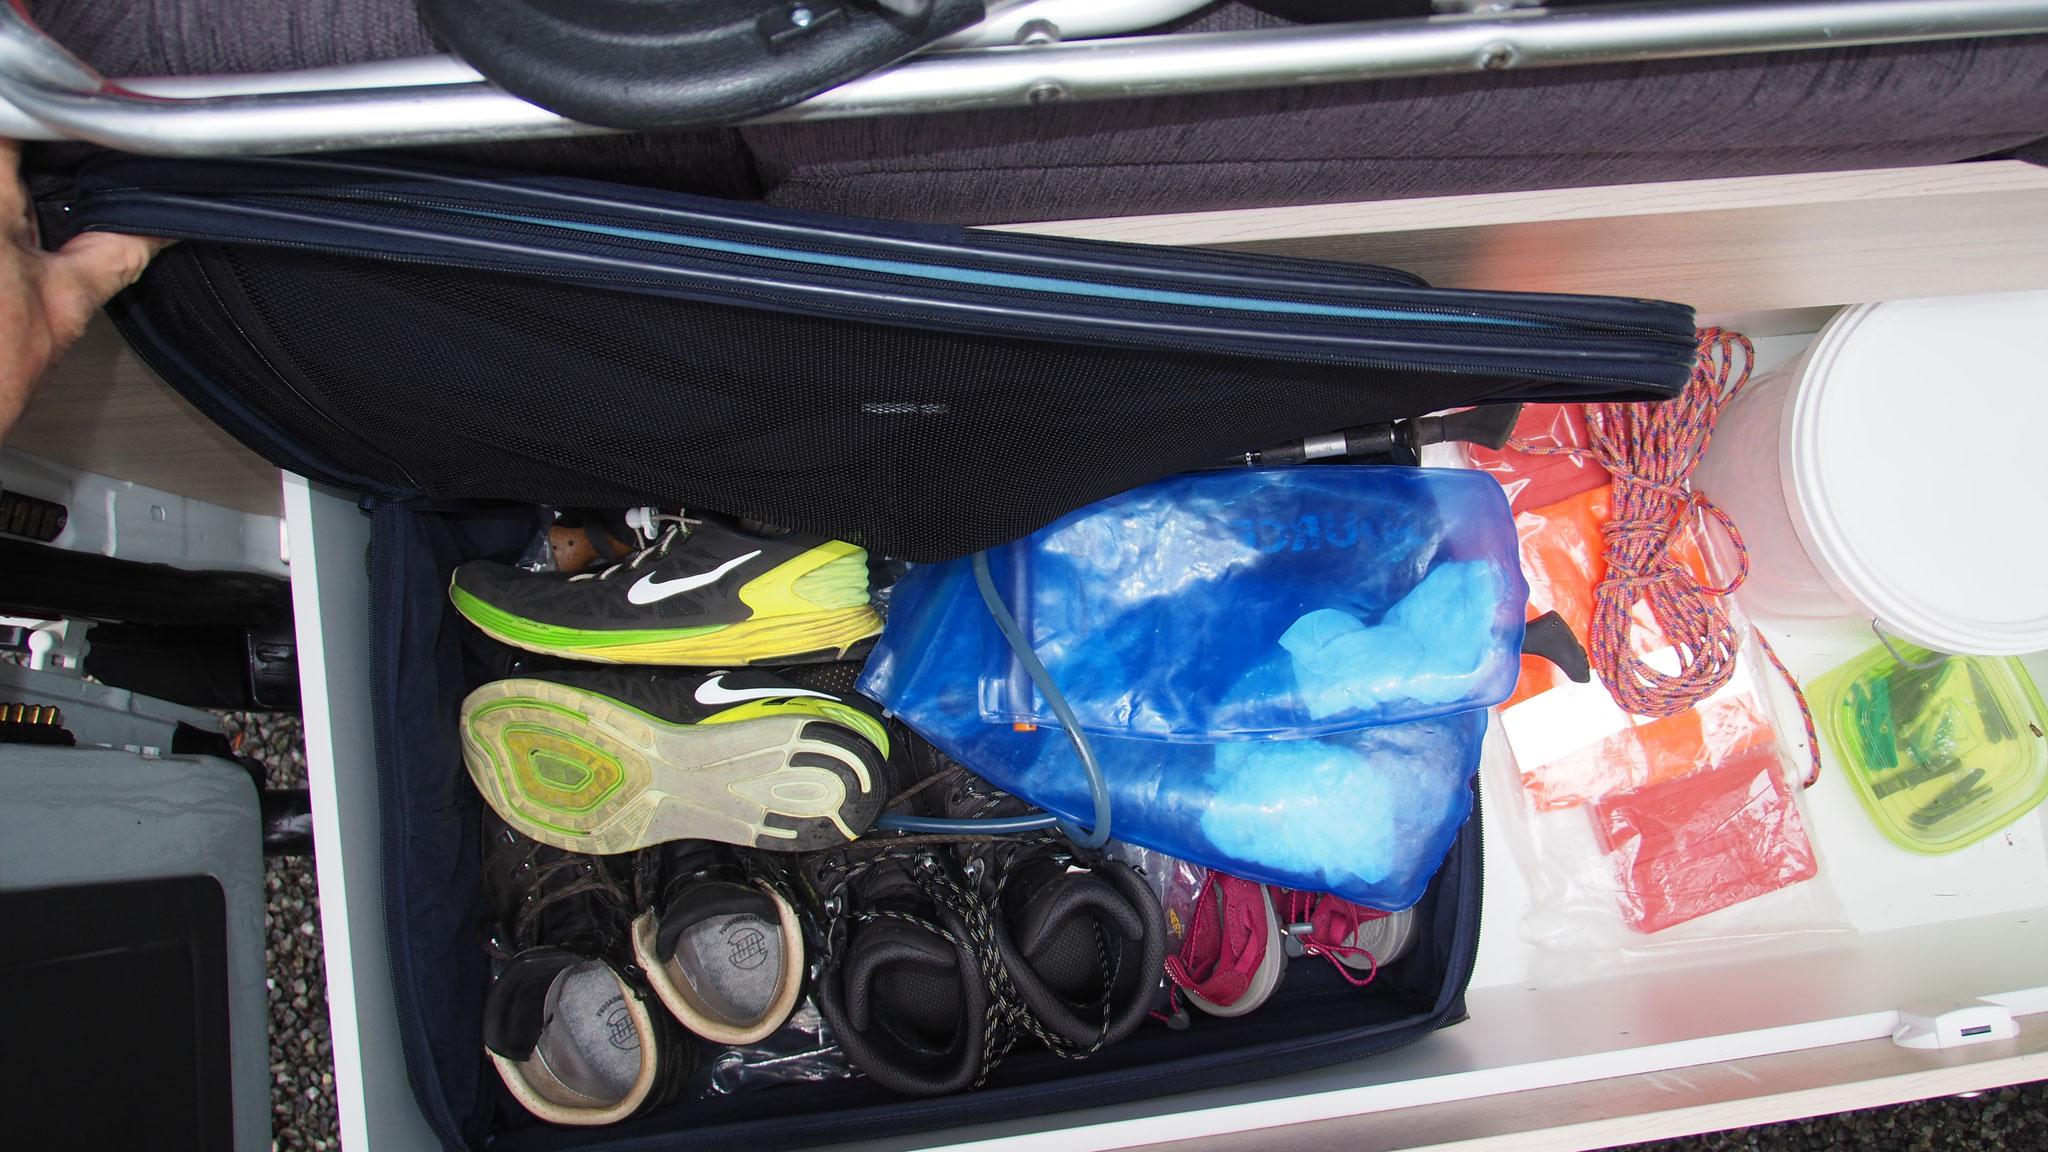 Stauraum - Schuhe und anderes verschwindet zugänglich im Koffer